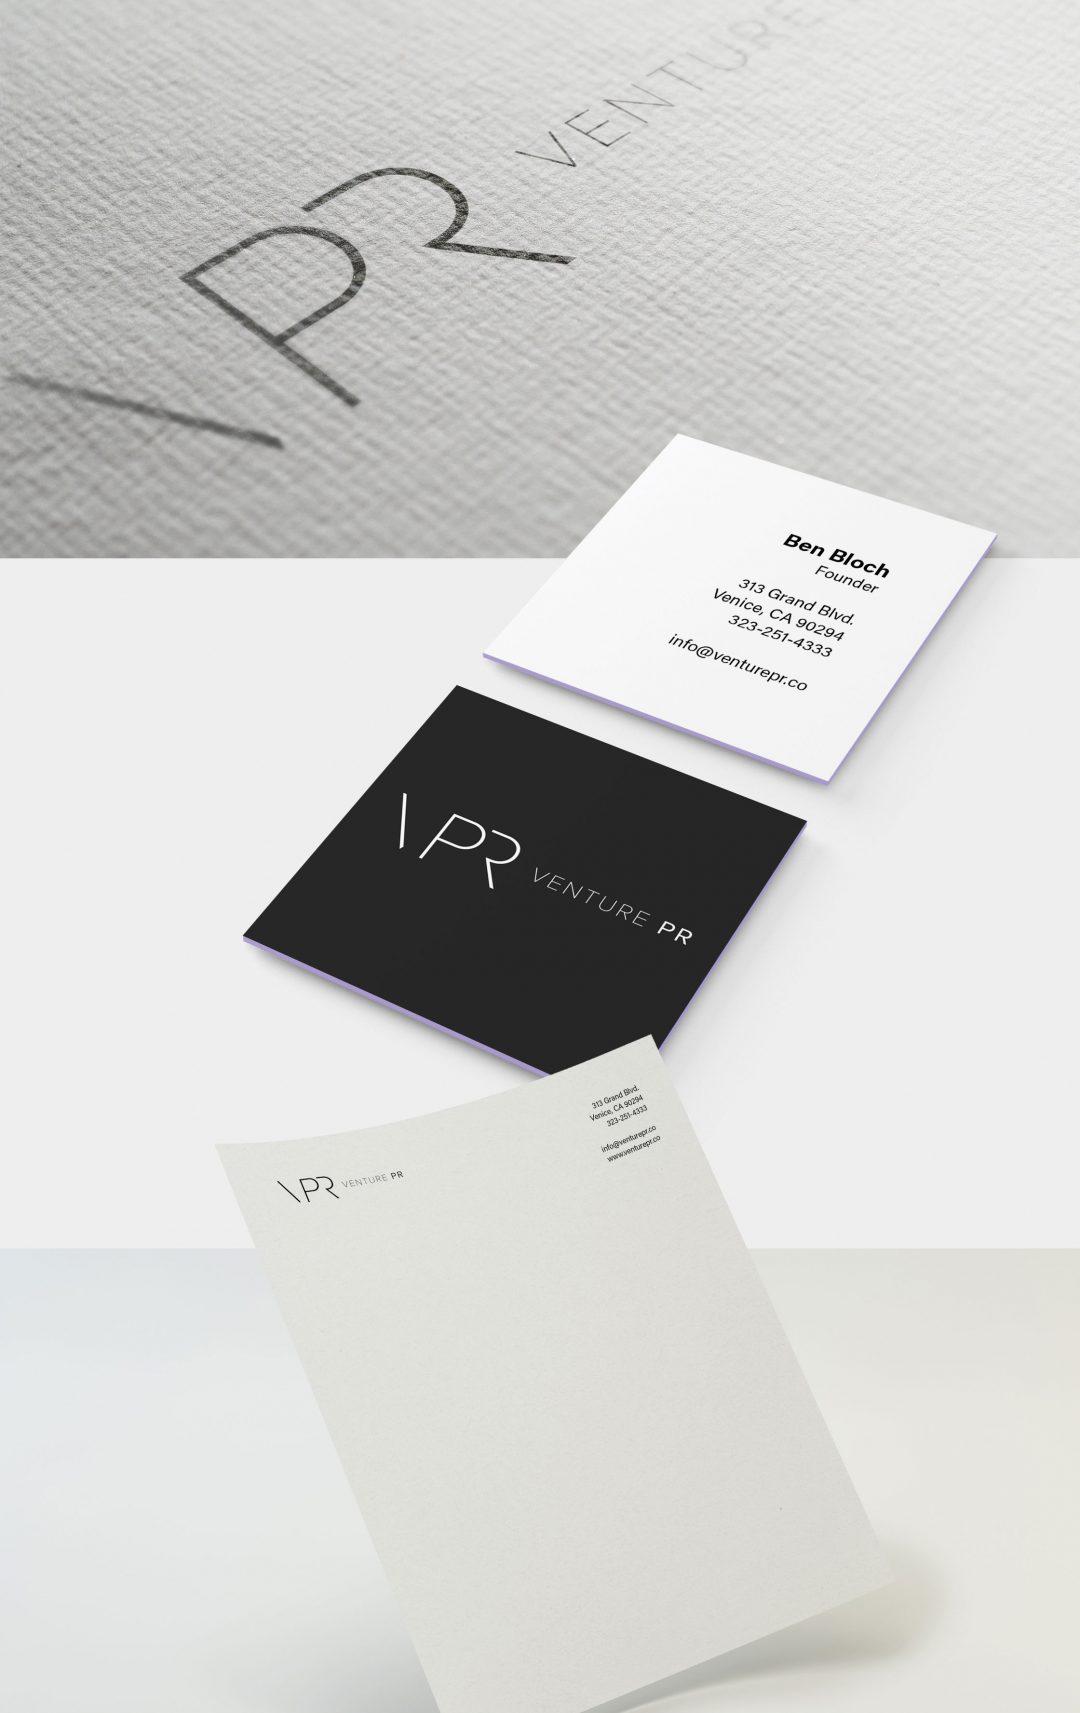 Venture PR